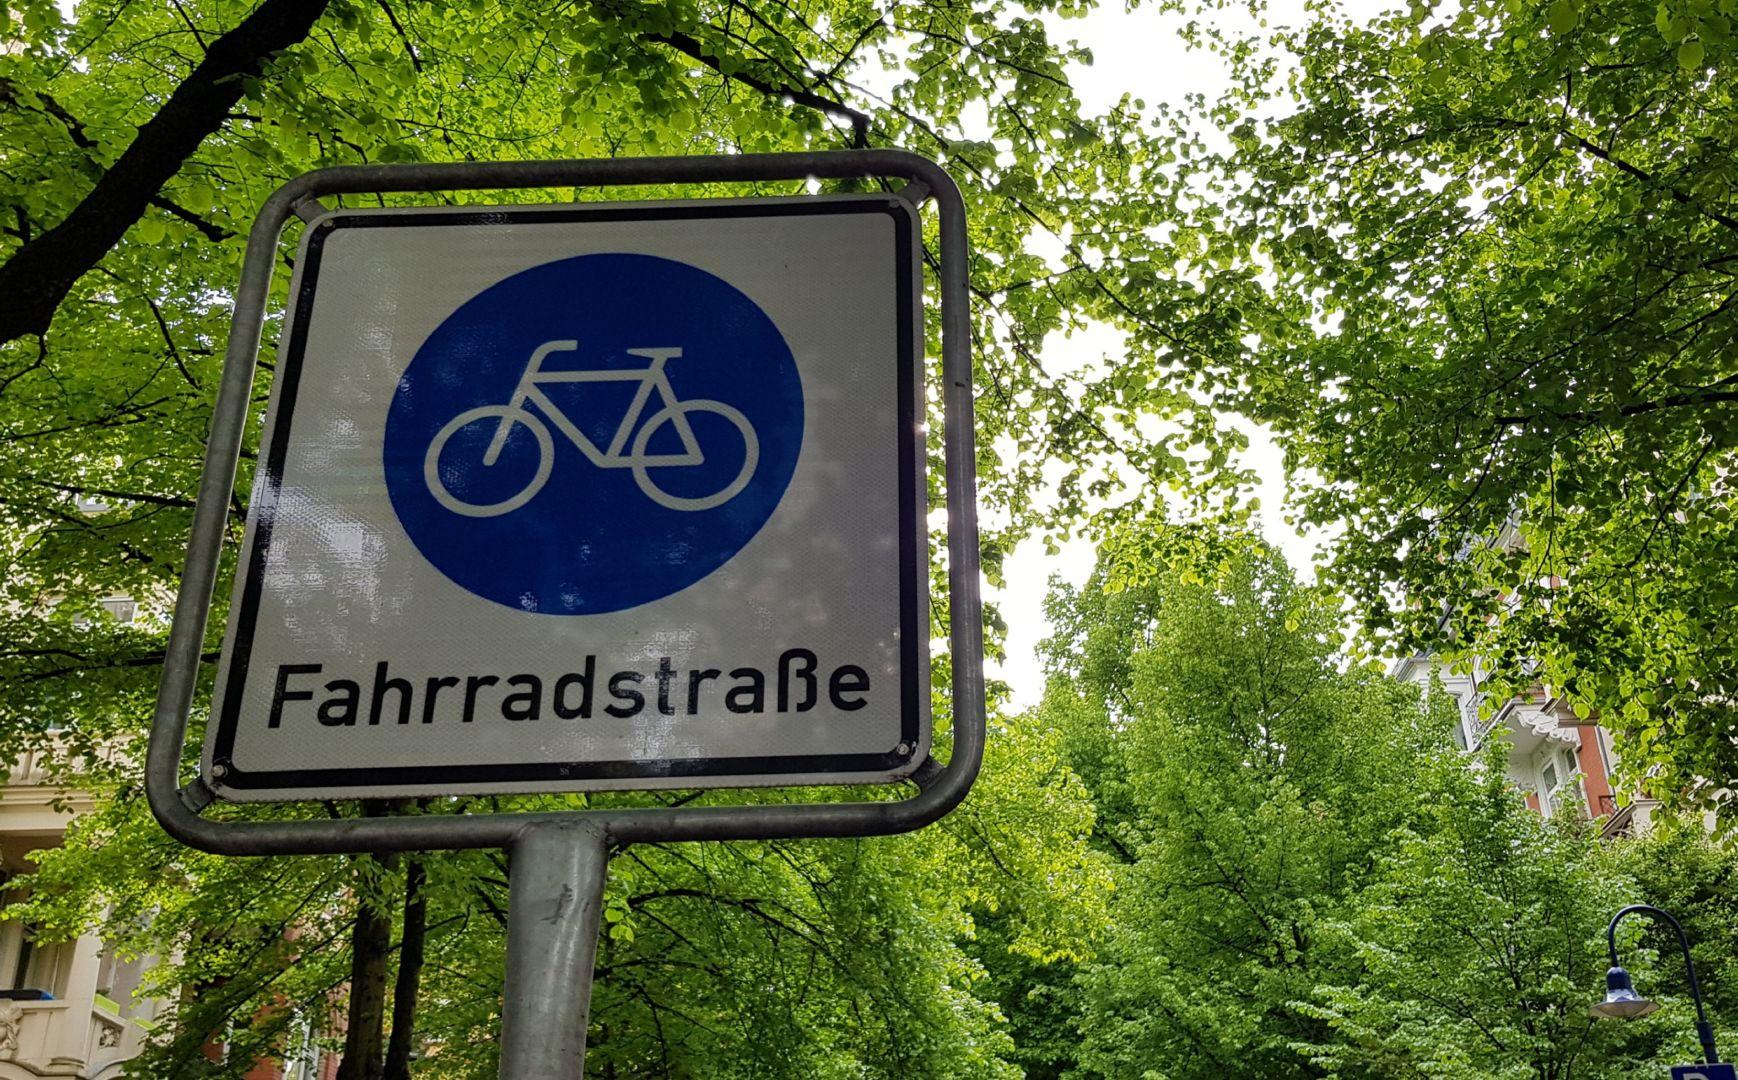 Fahrradstraße in Wiesbaden